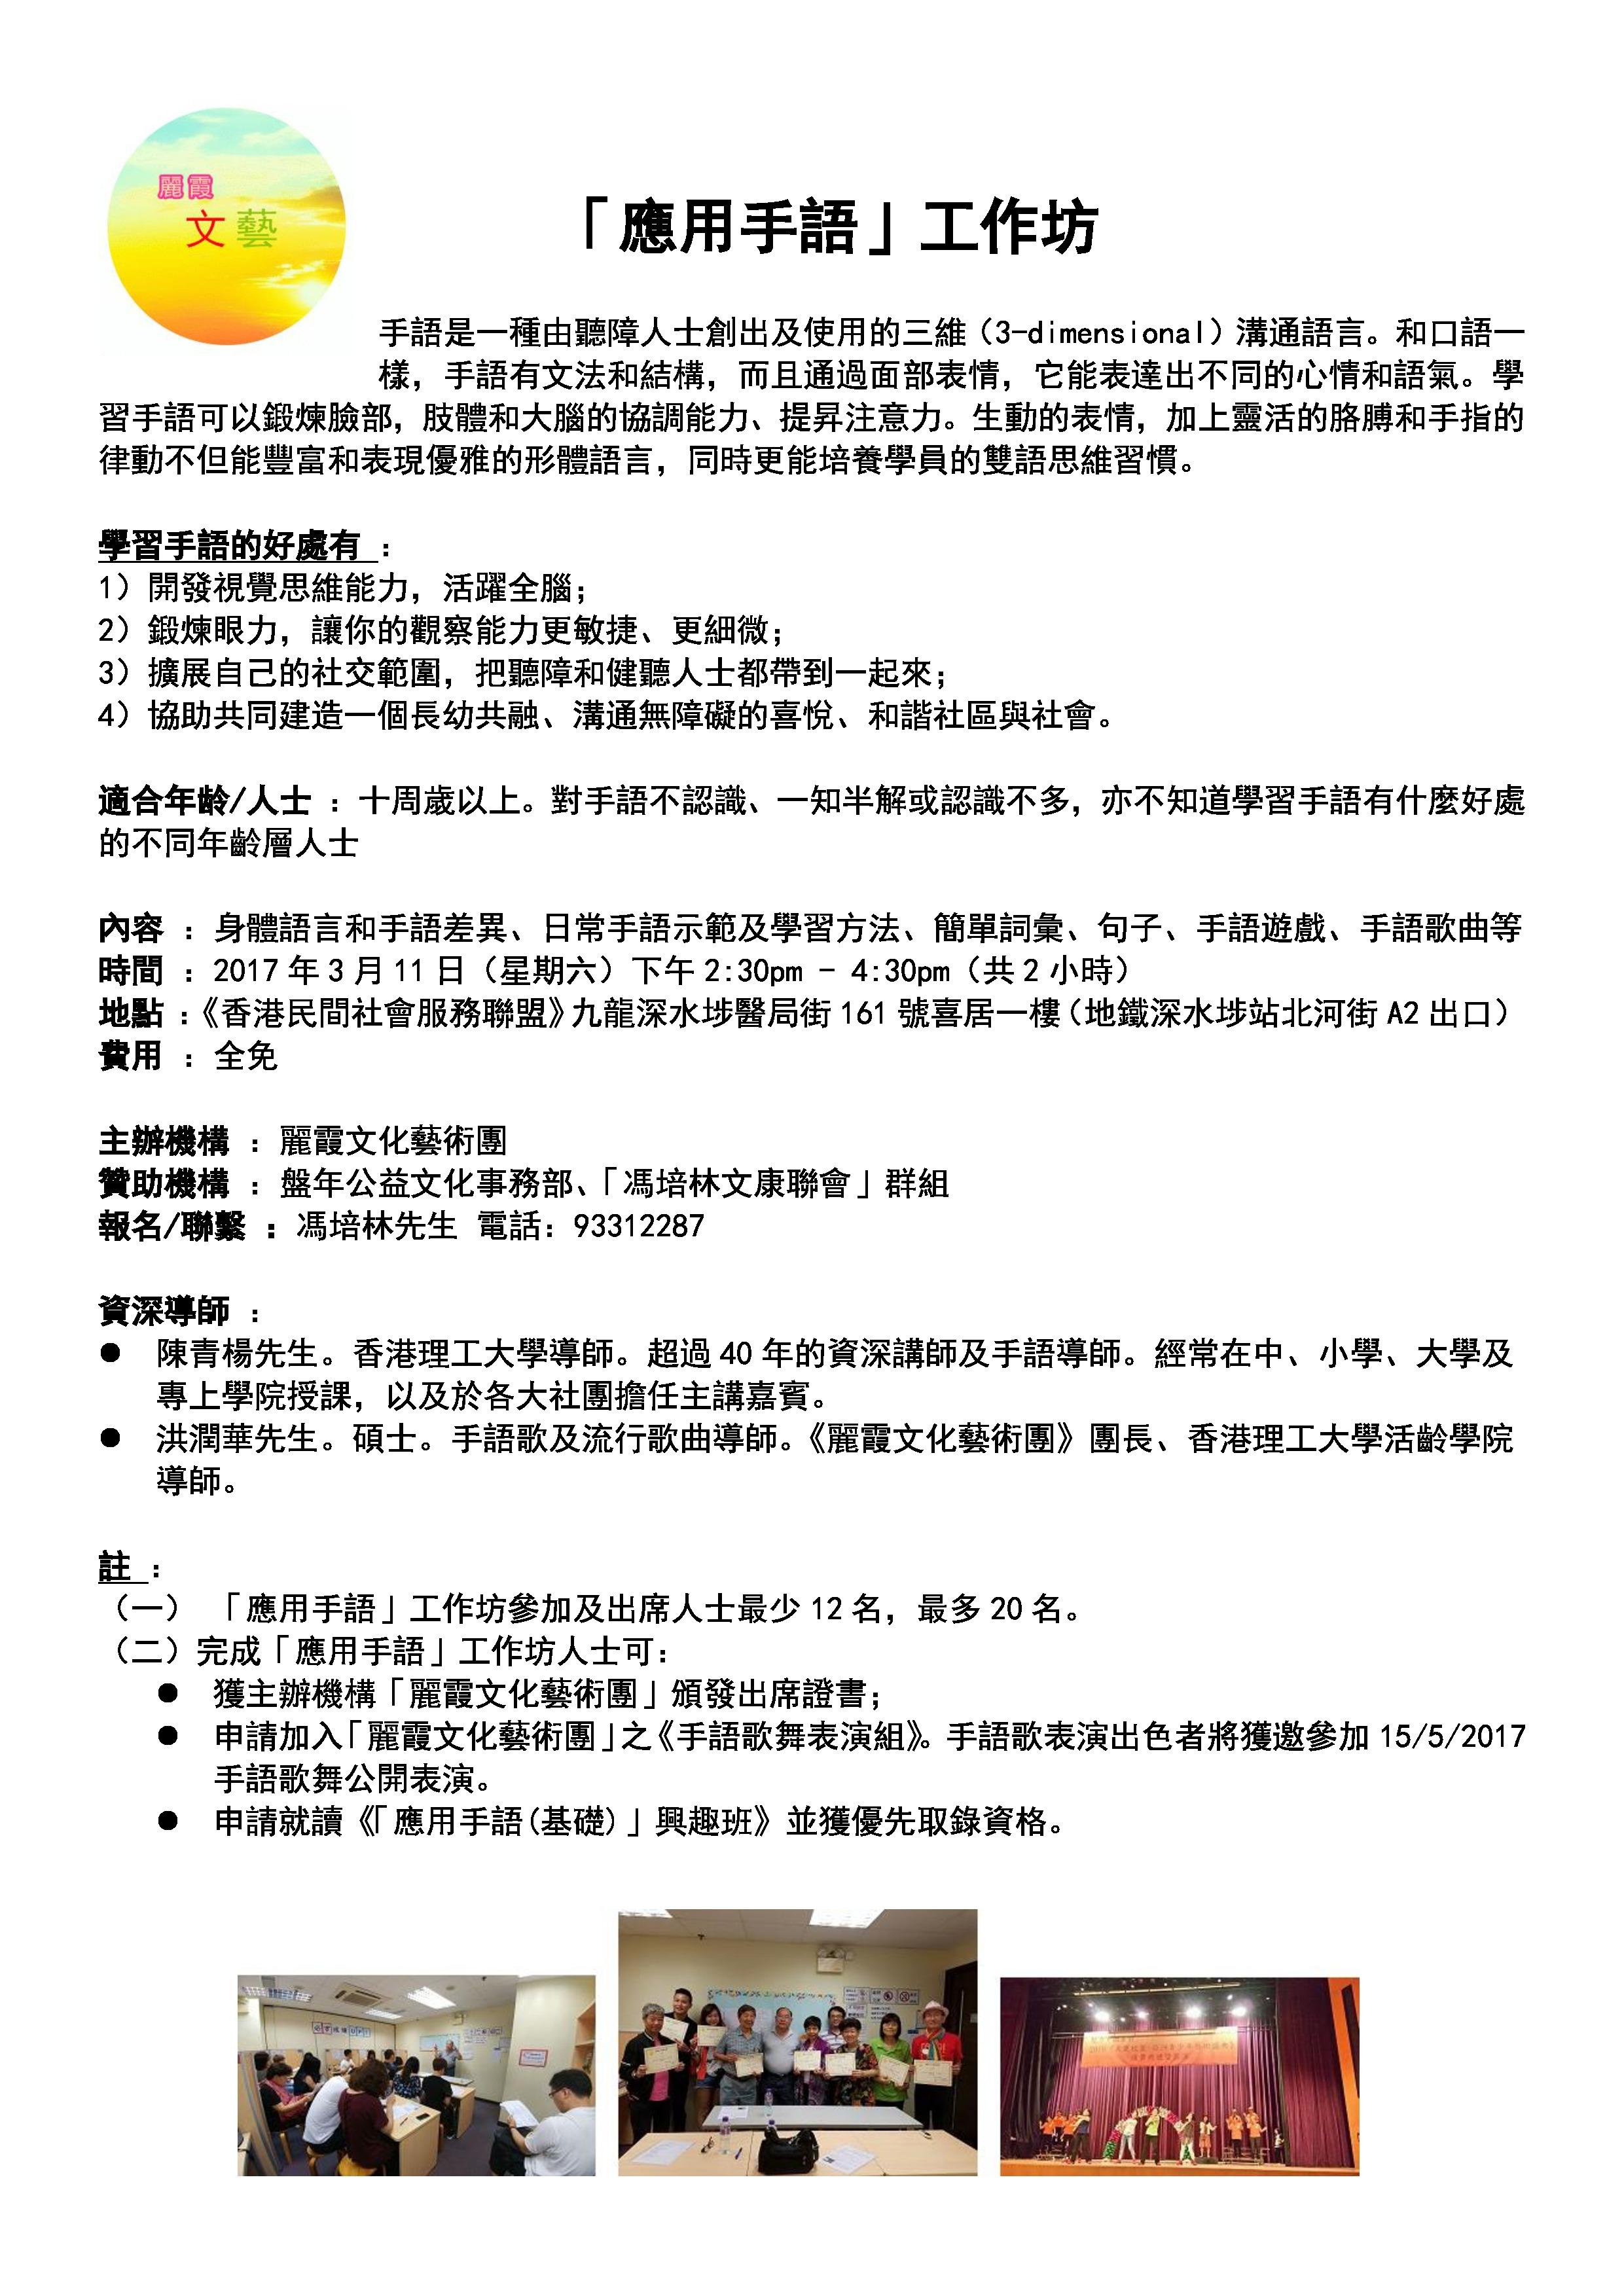 應用手語工作坊簡介(馮培林文康聯會2017.3.11)-page-0